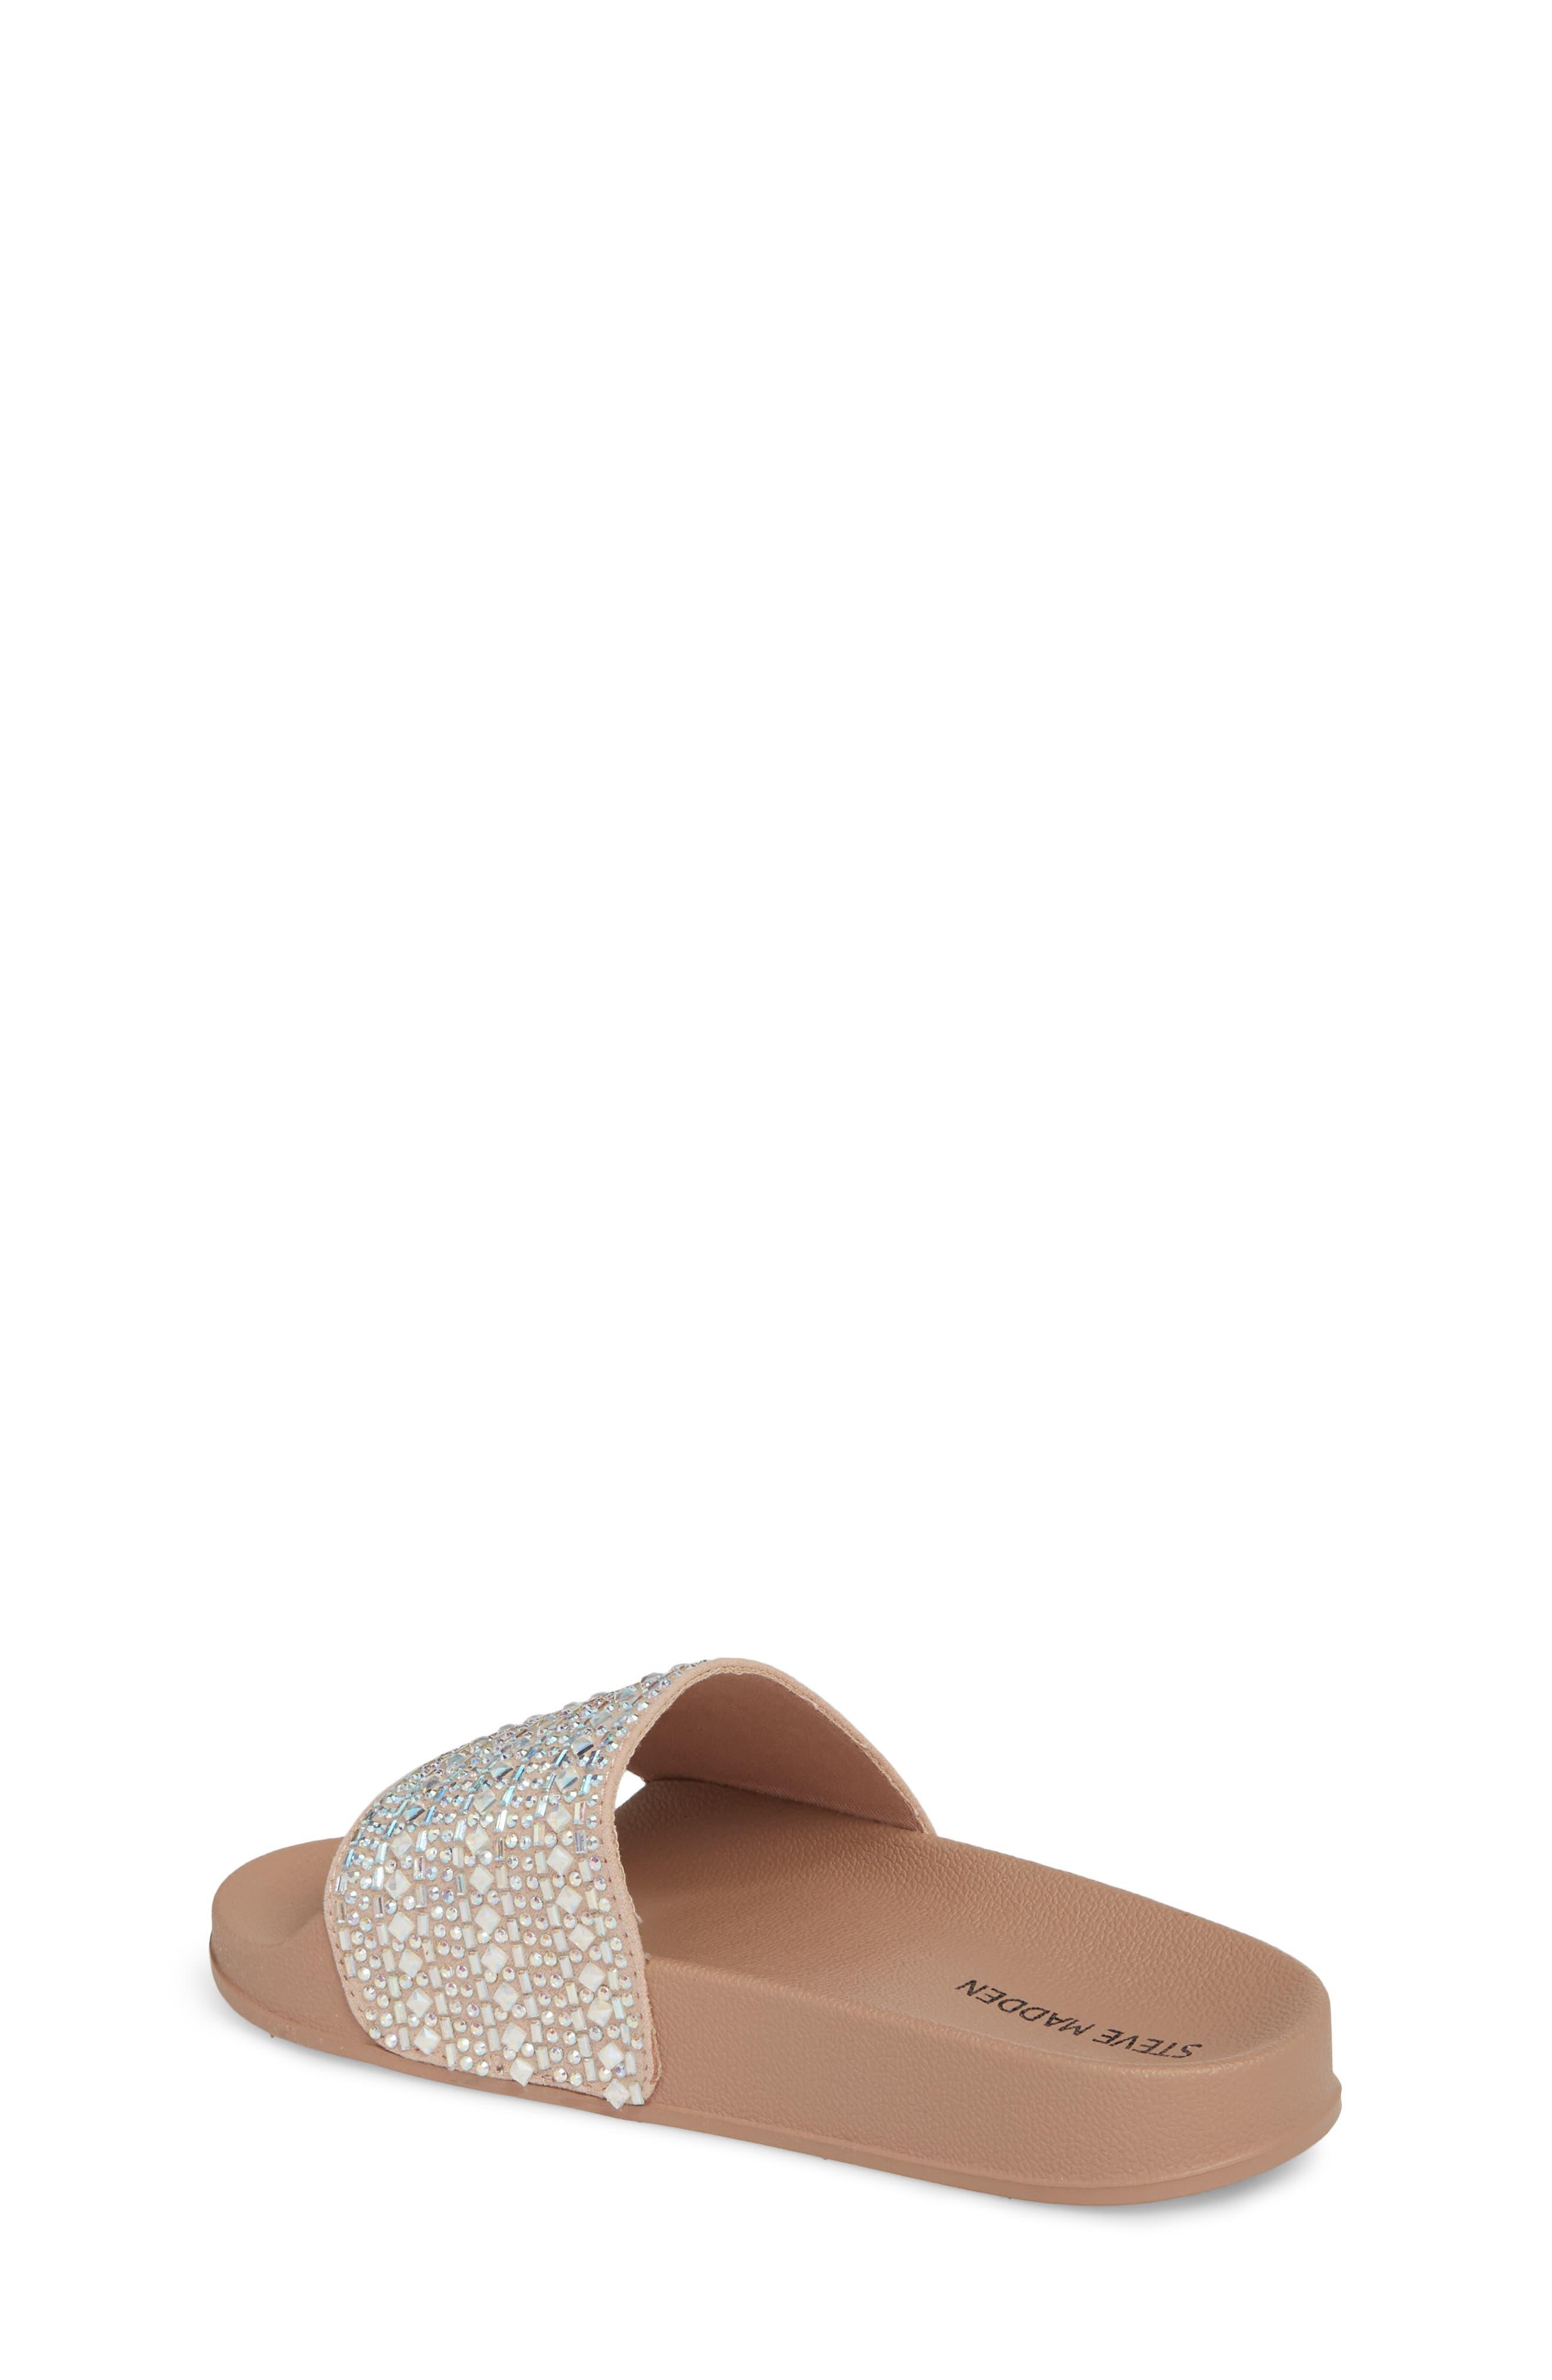 JDAZZLE Crystal Embellished Slide Sandal,                             Alternate thumbnail 2, color,                             Blush